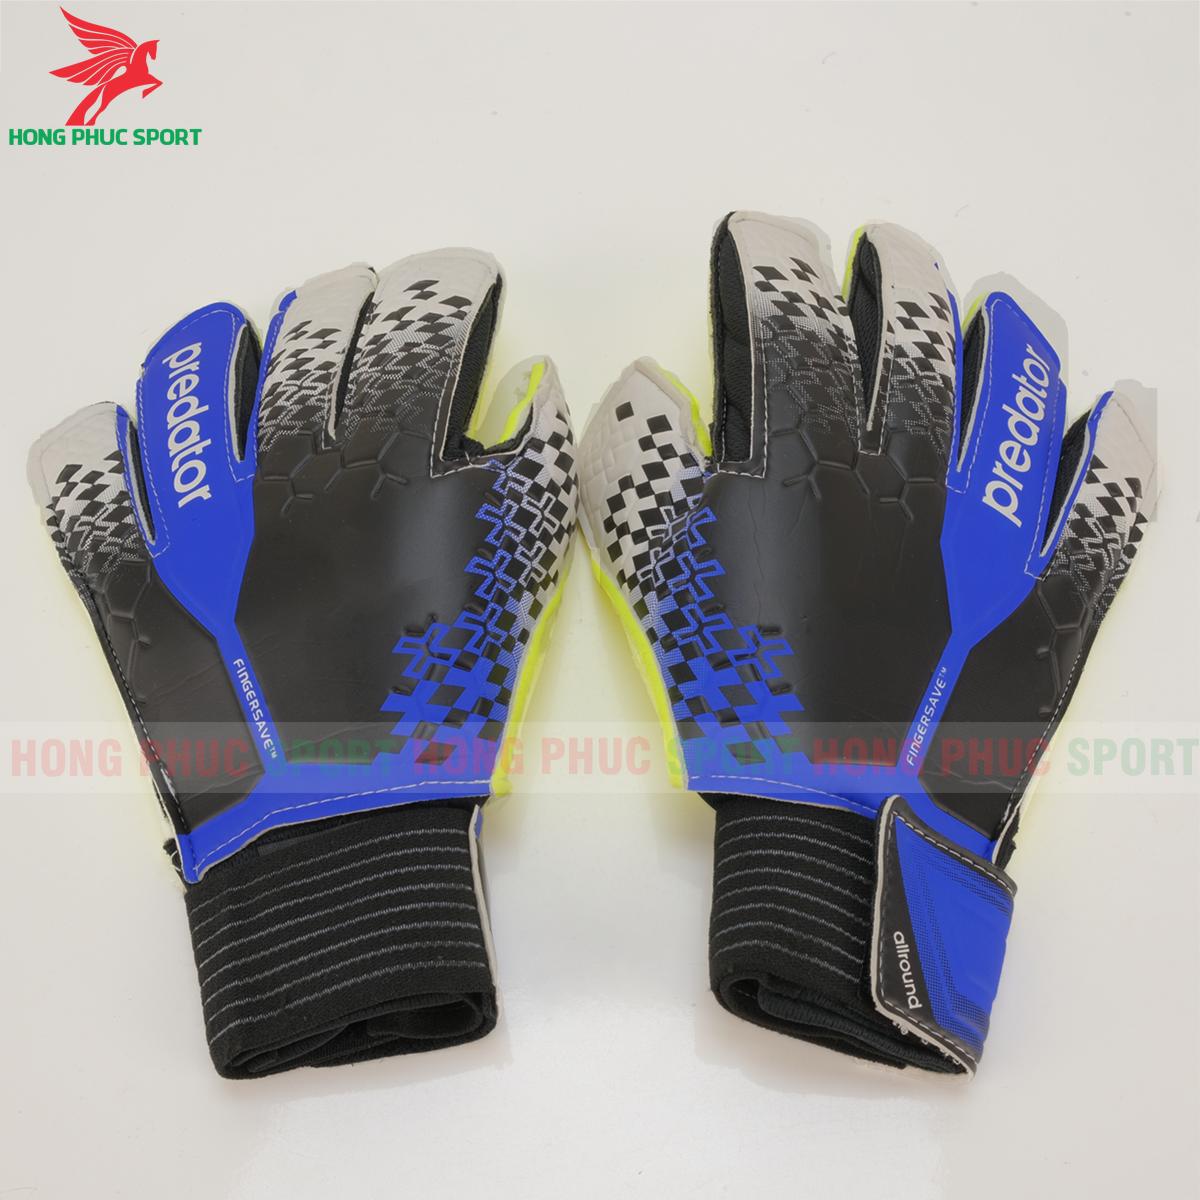 Găng tay thủ môn Adidas Predator All mẫu 3